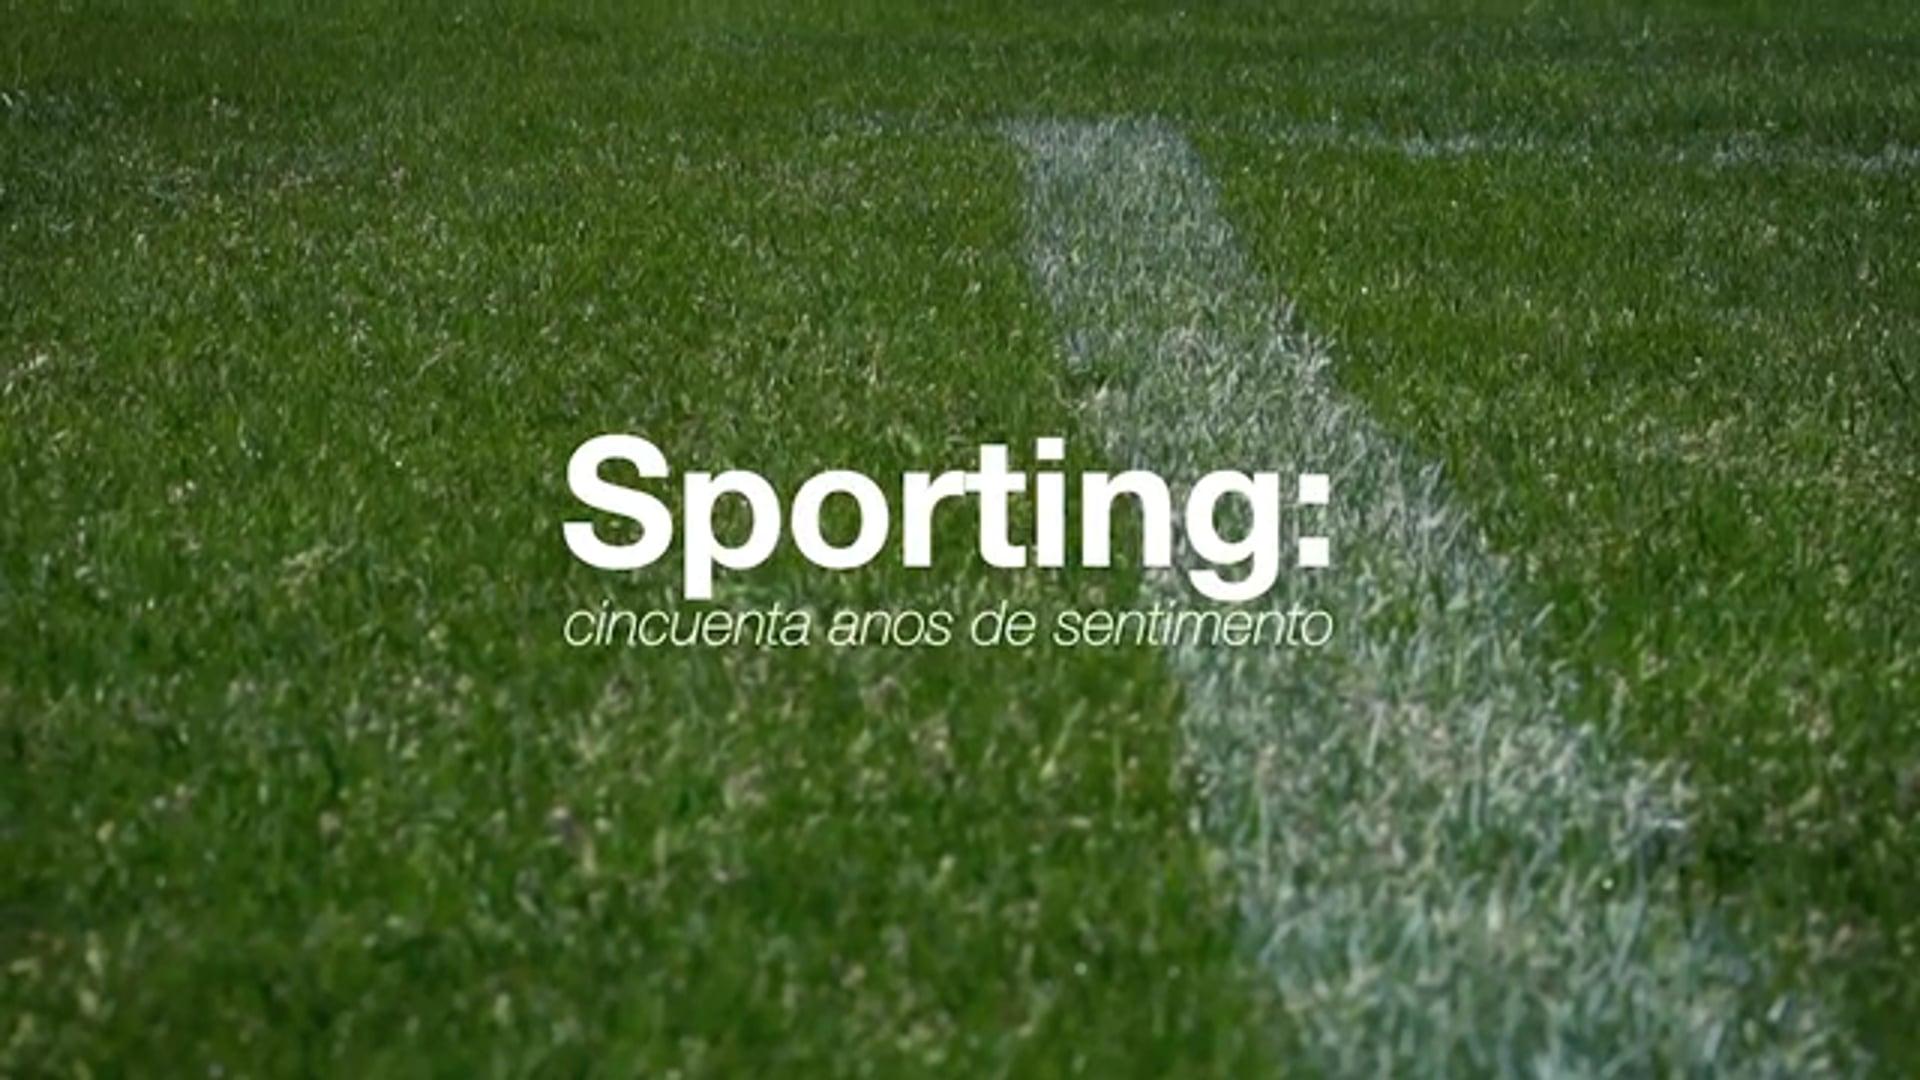 """""""Sporting: 50 anos de sentimento"""" - Documental"""